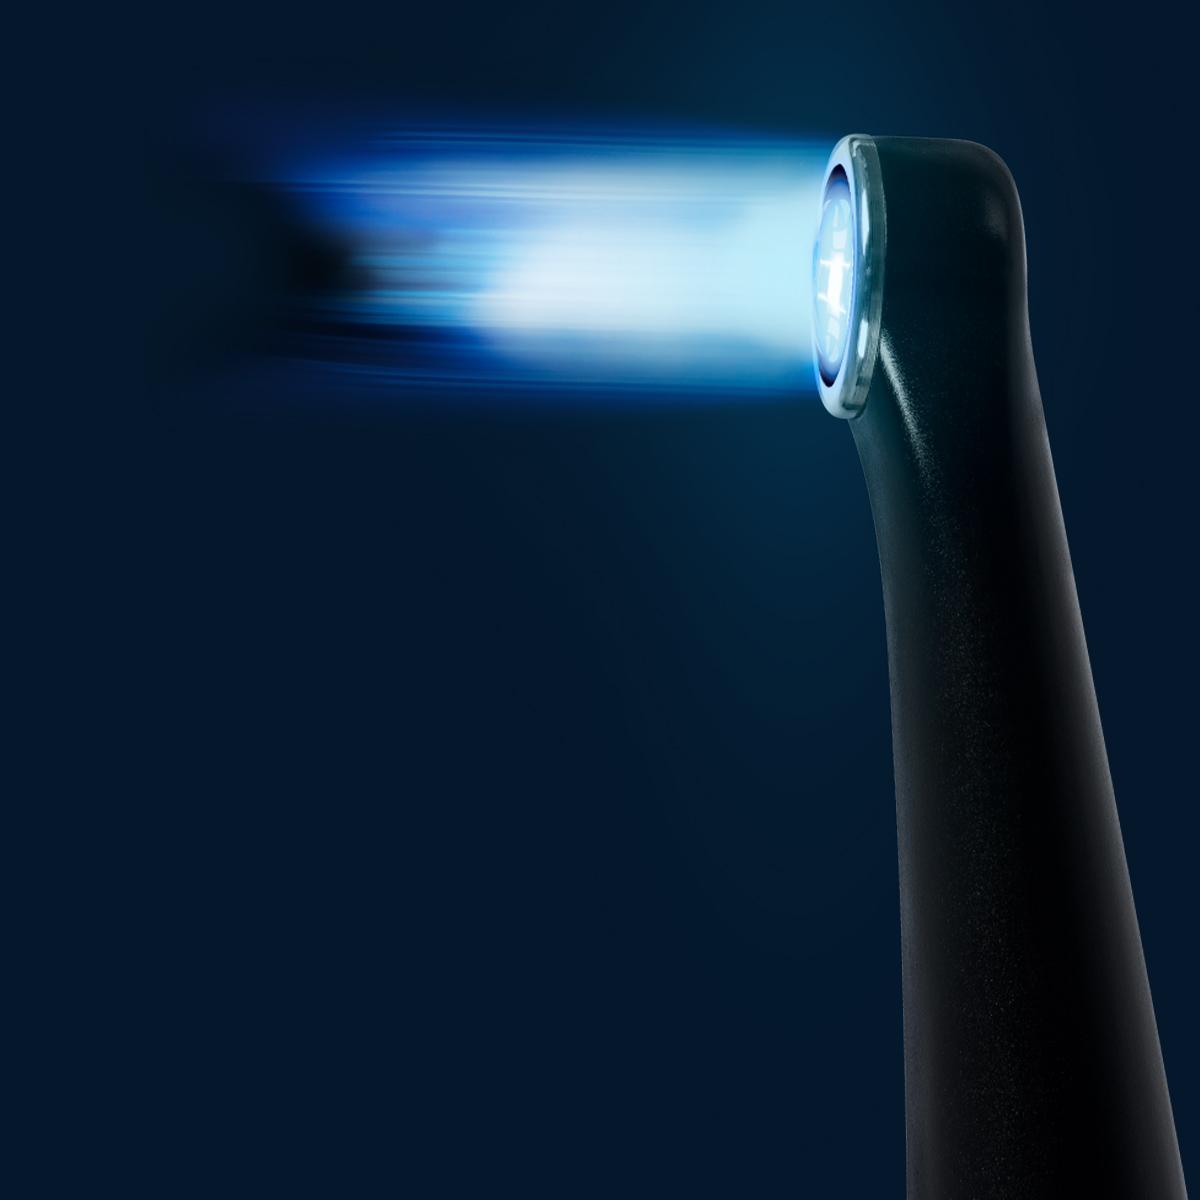 Đèn trám quang trùng hợp VALO Grand